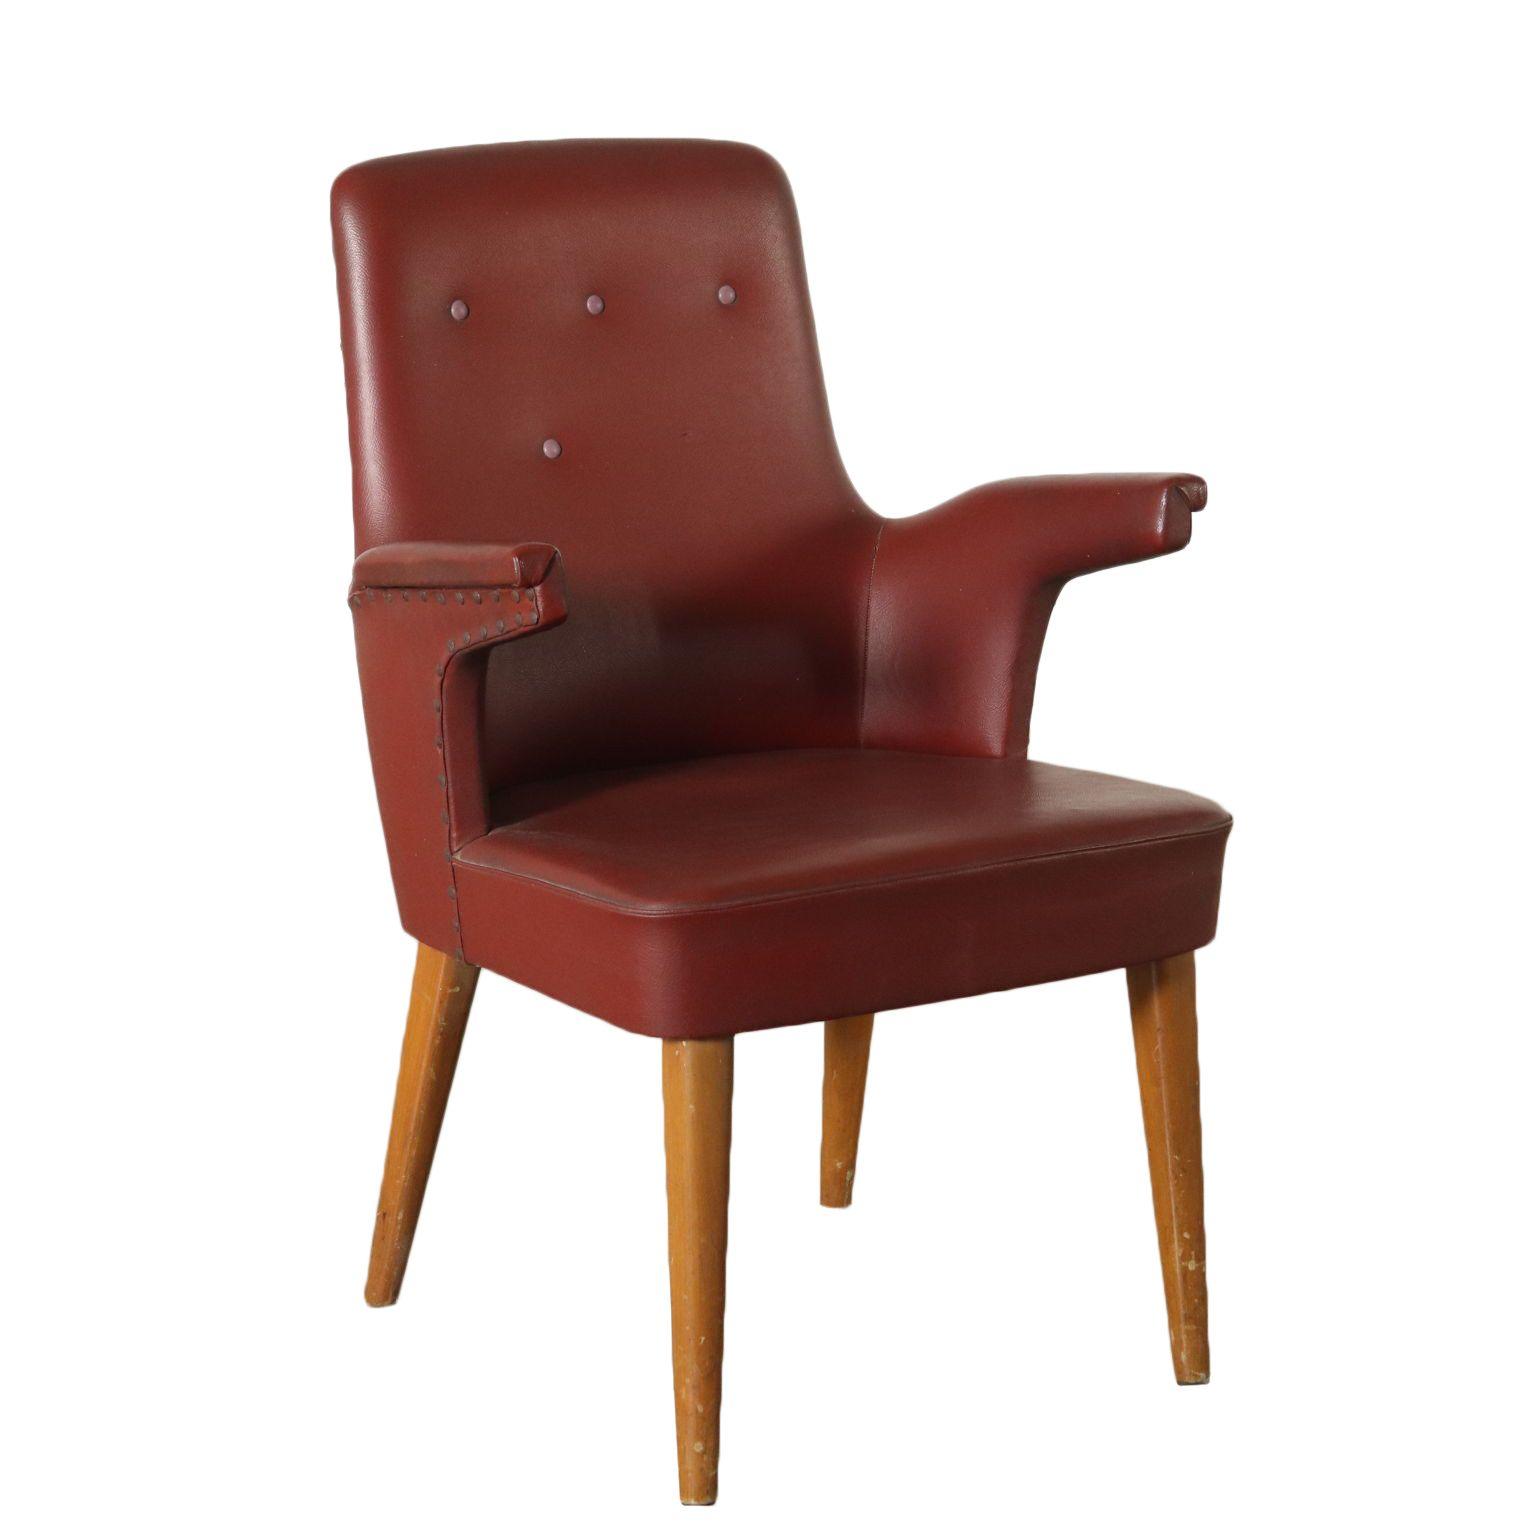 Chaise Avec Accodouirs Repandu Simil Cuir Italie Annees 50 Chaise Vintage Chaise Decoration Interieure